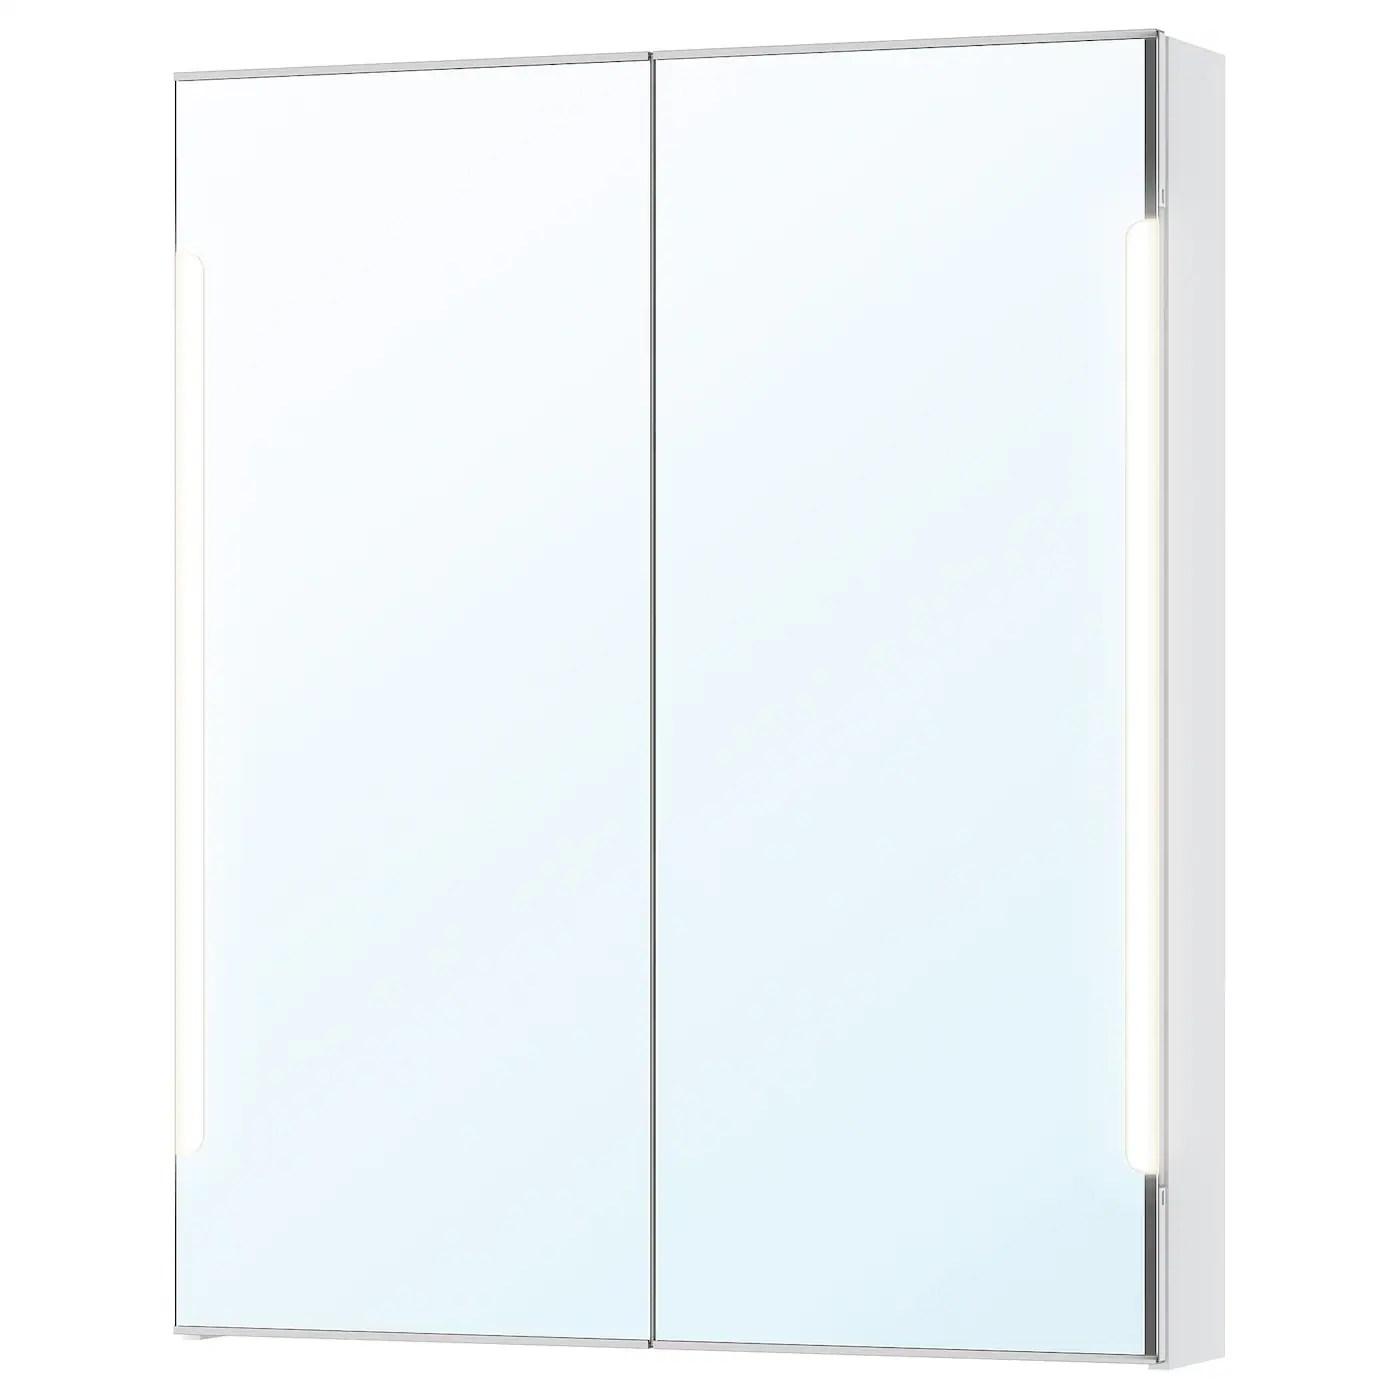 Storjorm Element Miroir 2ptes Eclairage Int Blanc 80x14x96 Cm Ikea